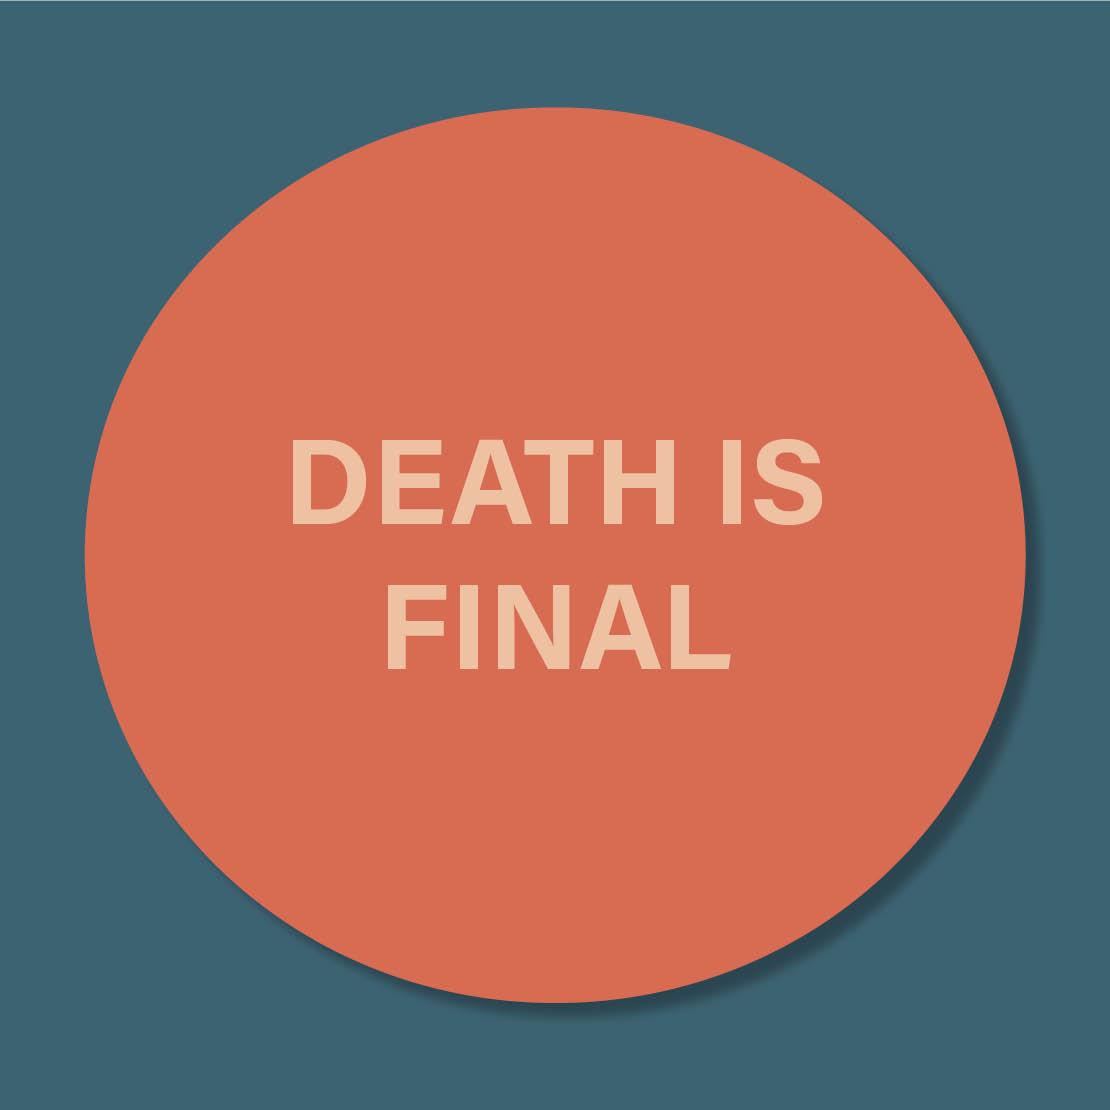 death is final.jpg